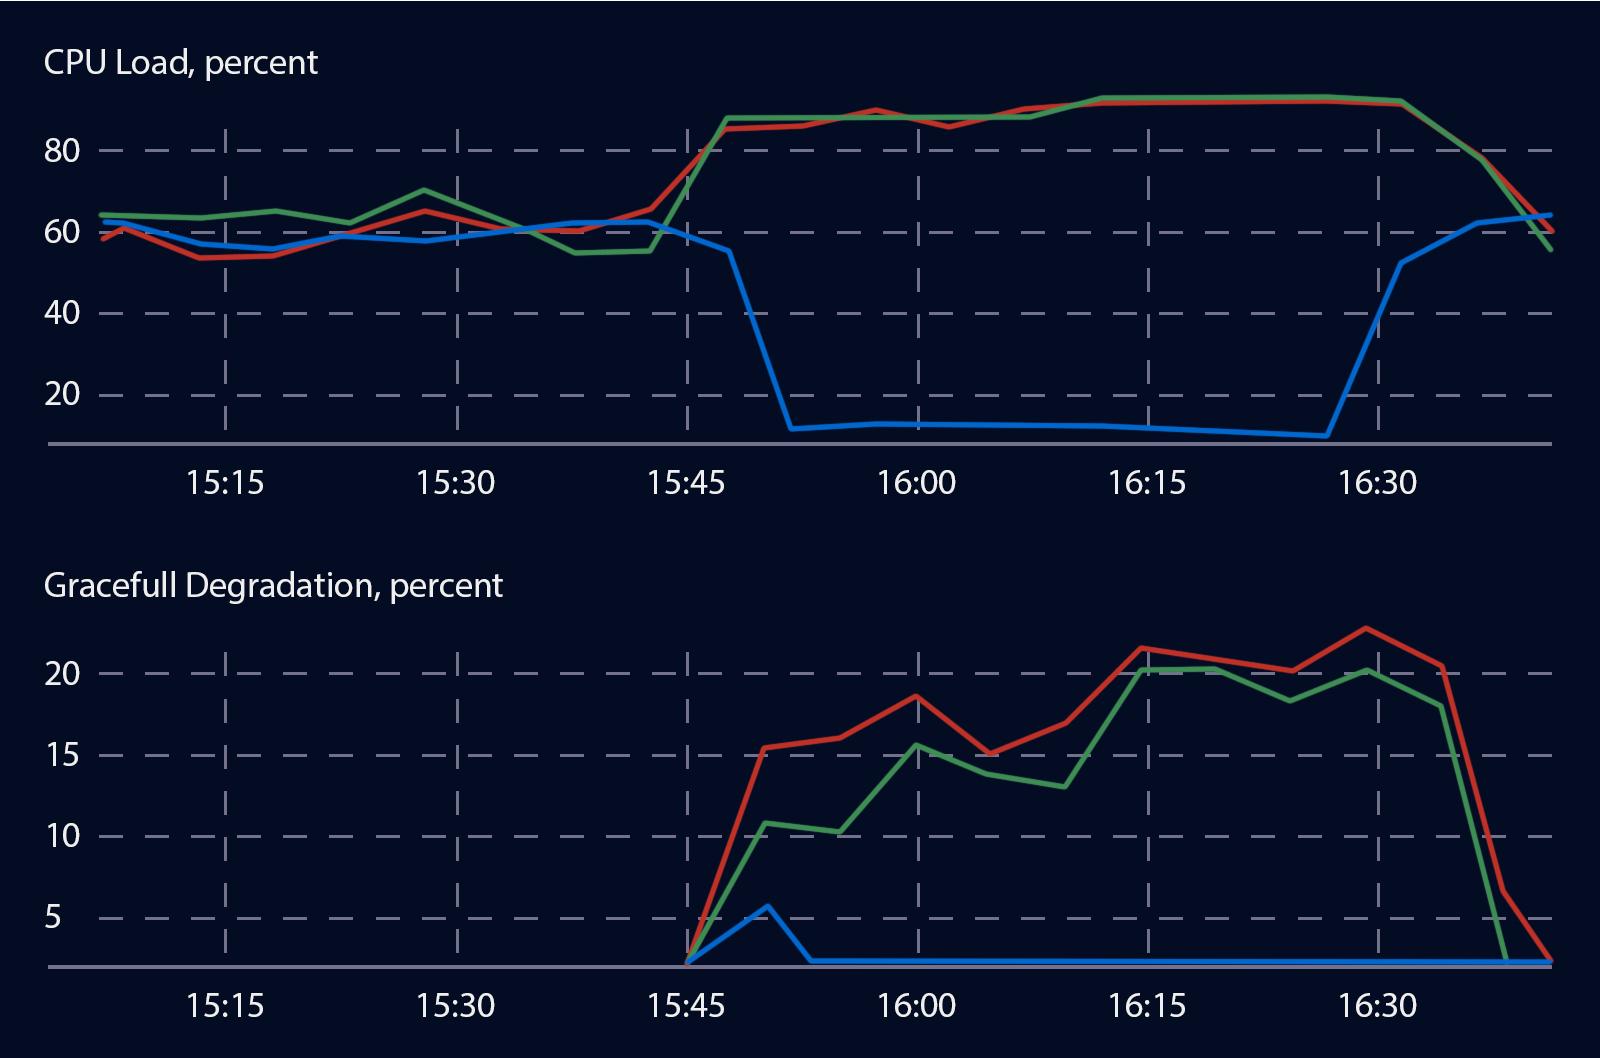 Повышение нагрузки при выключении ДЦ. Линии на верхнем графике показывают загрузку CPU в отдельных ДЦ. Нагрузка выросла с 82% до 98%. Нижний график показывает процент срезанных документов.